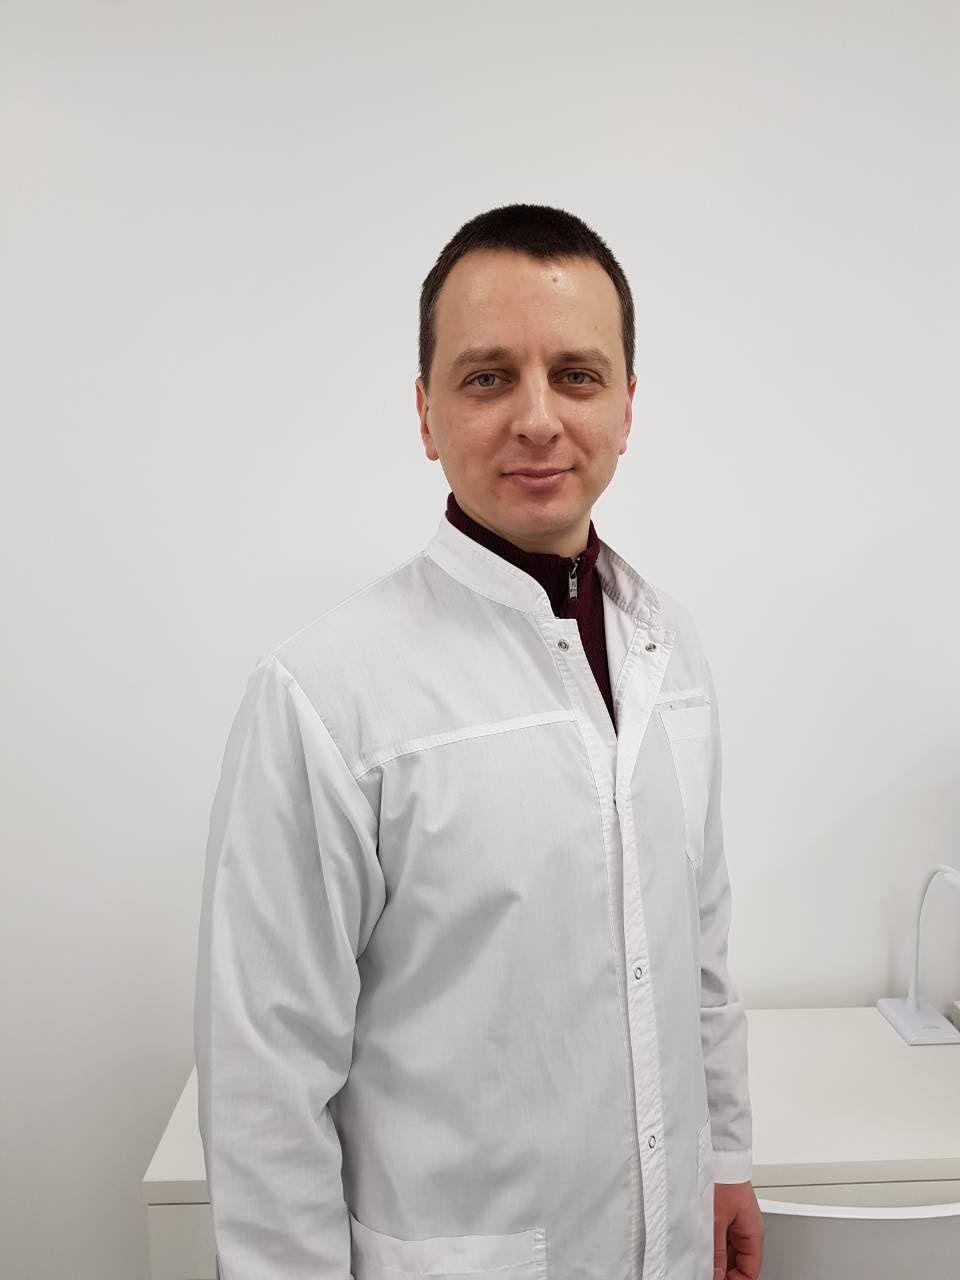 врач-хирург первой категории - Носов Артем Юрьевич